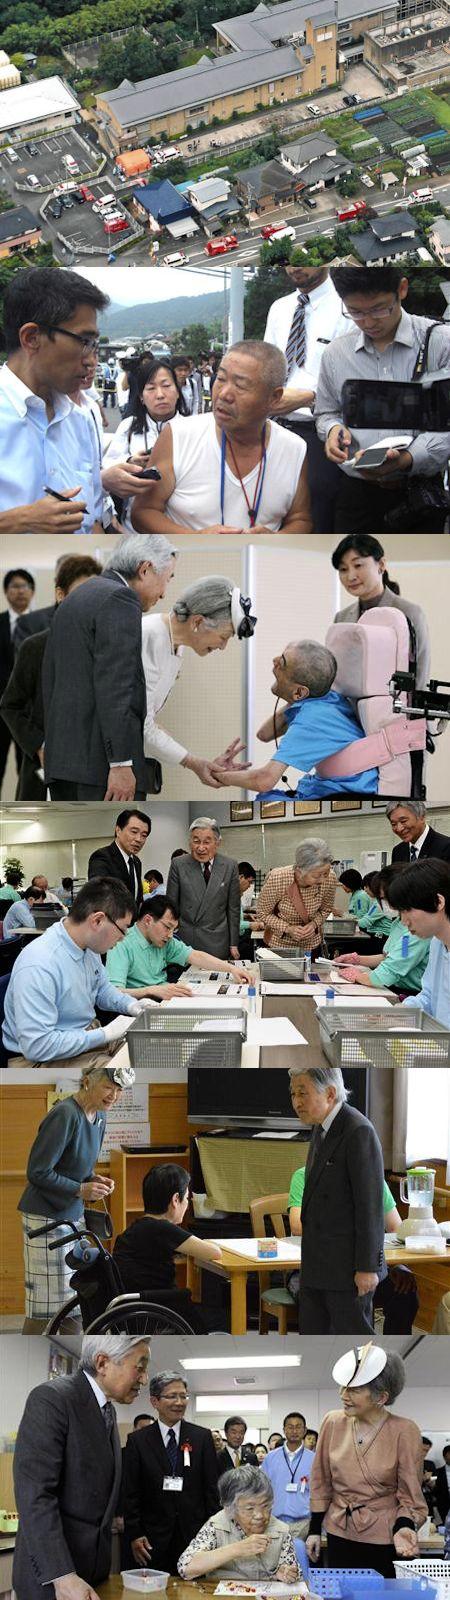 重度障害者を19人も非道に殺害した動機 - 7月26日夜のテレビと皇居_c0315619_15123721.jpg